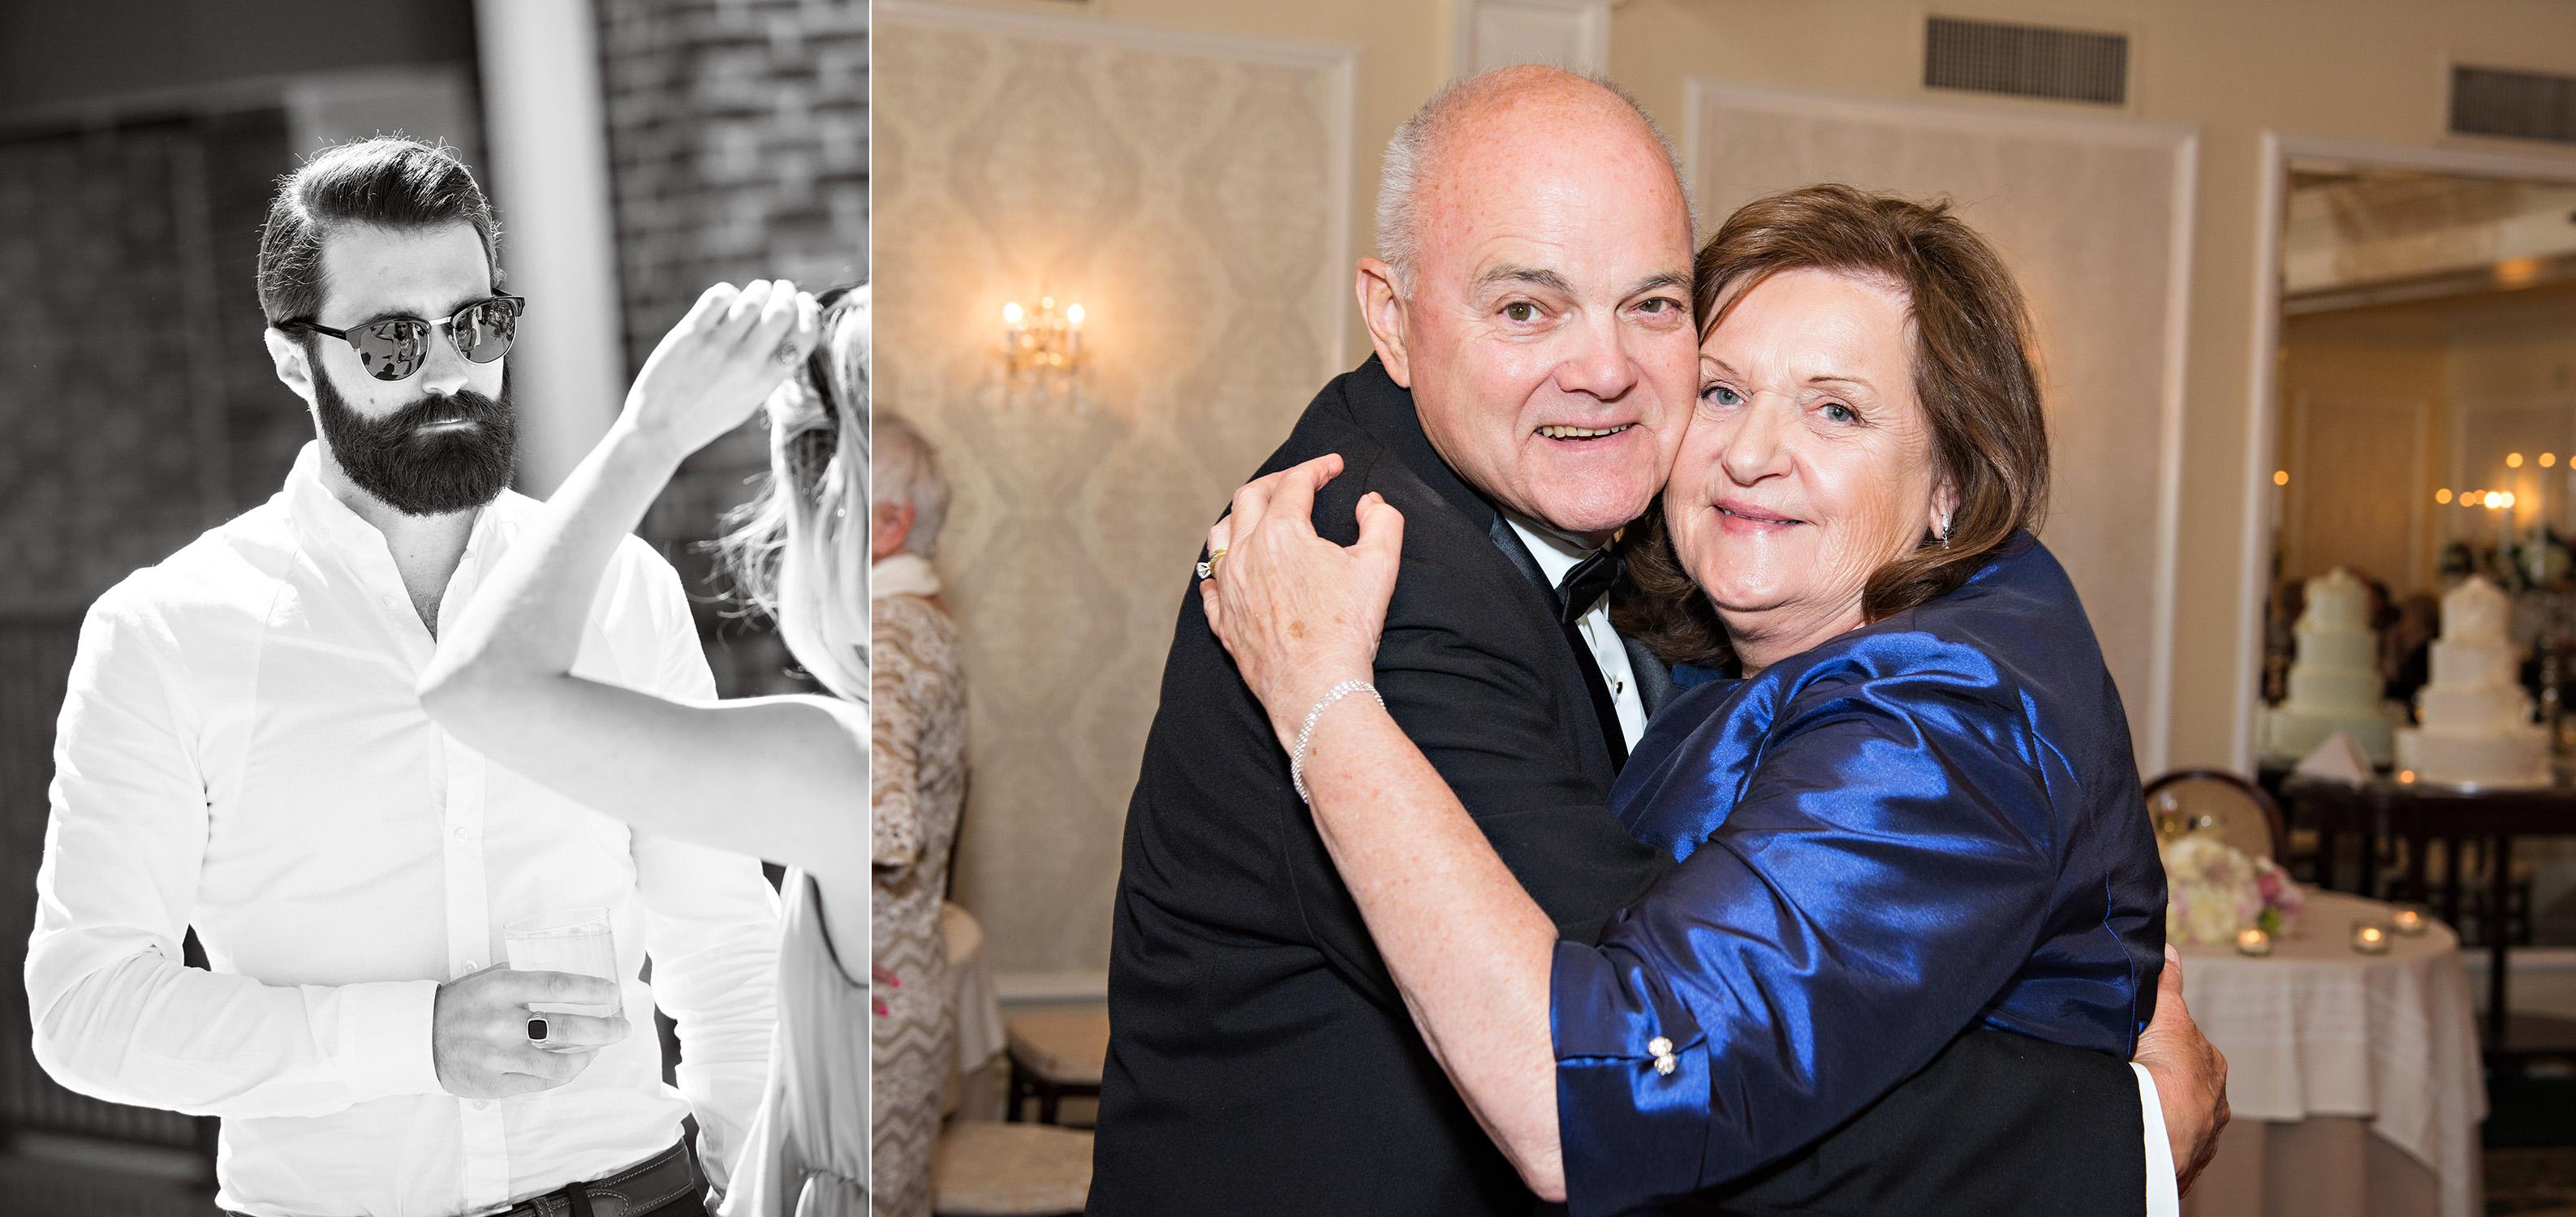 50-Sara Stadtmiller-SRS-Photography-Asbury-Park-Wedding-Photographer-Monmouth-County-Wedding-Photographer-NJ-Wedding-Photographer-Molly-Pitcher-Inn-Wedding